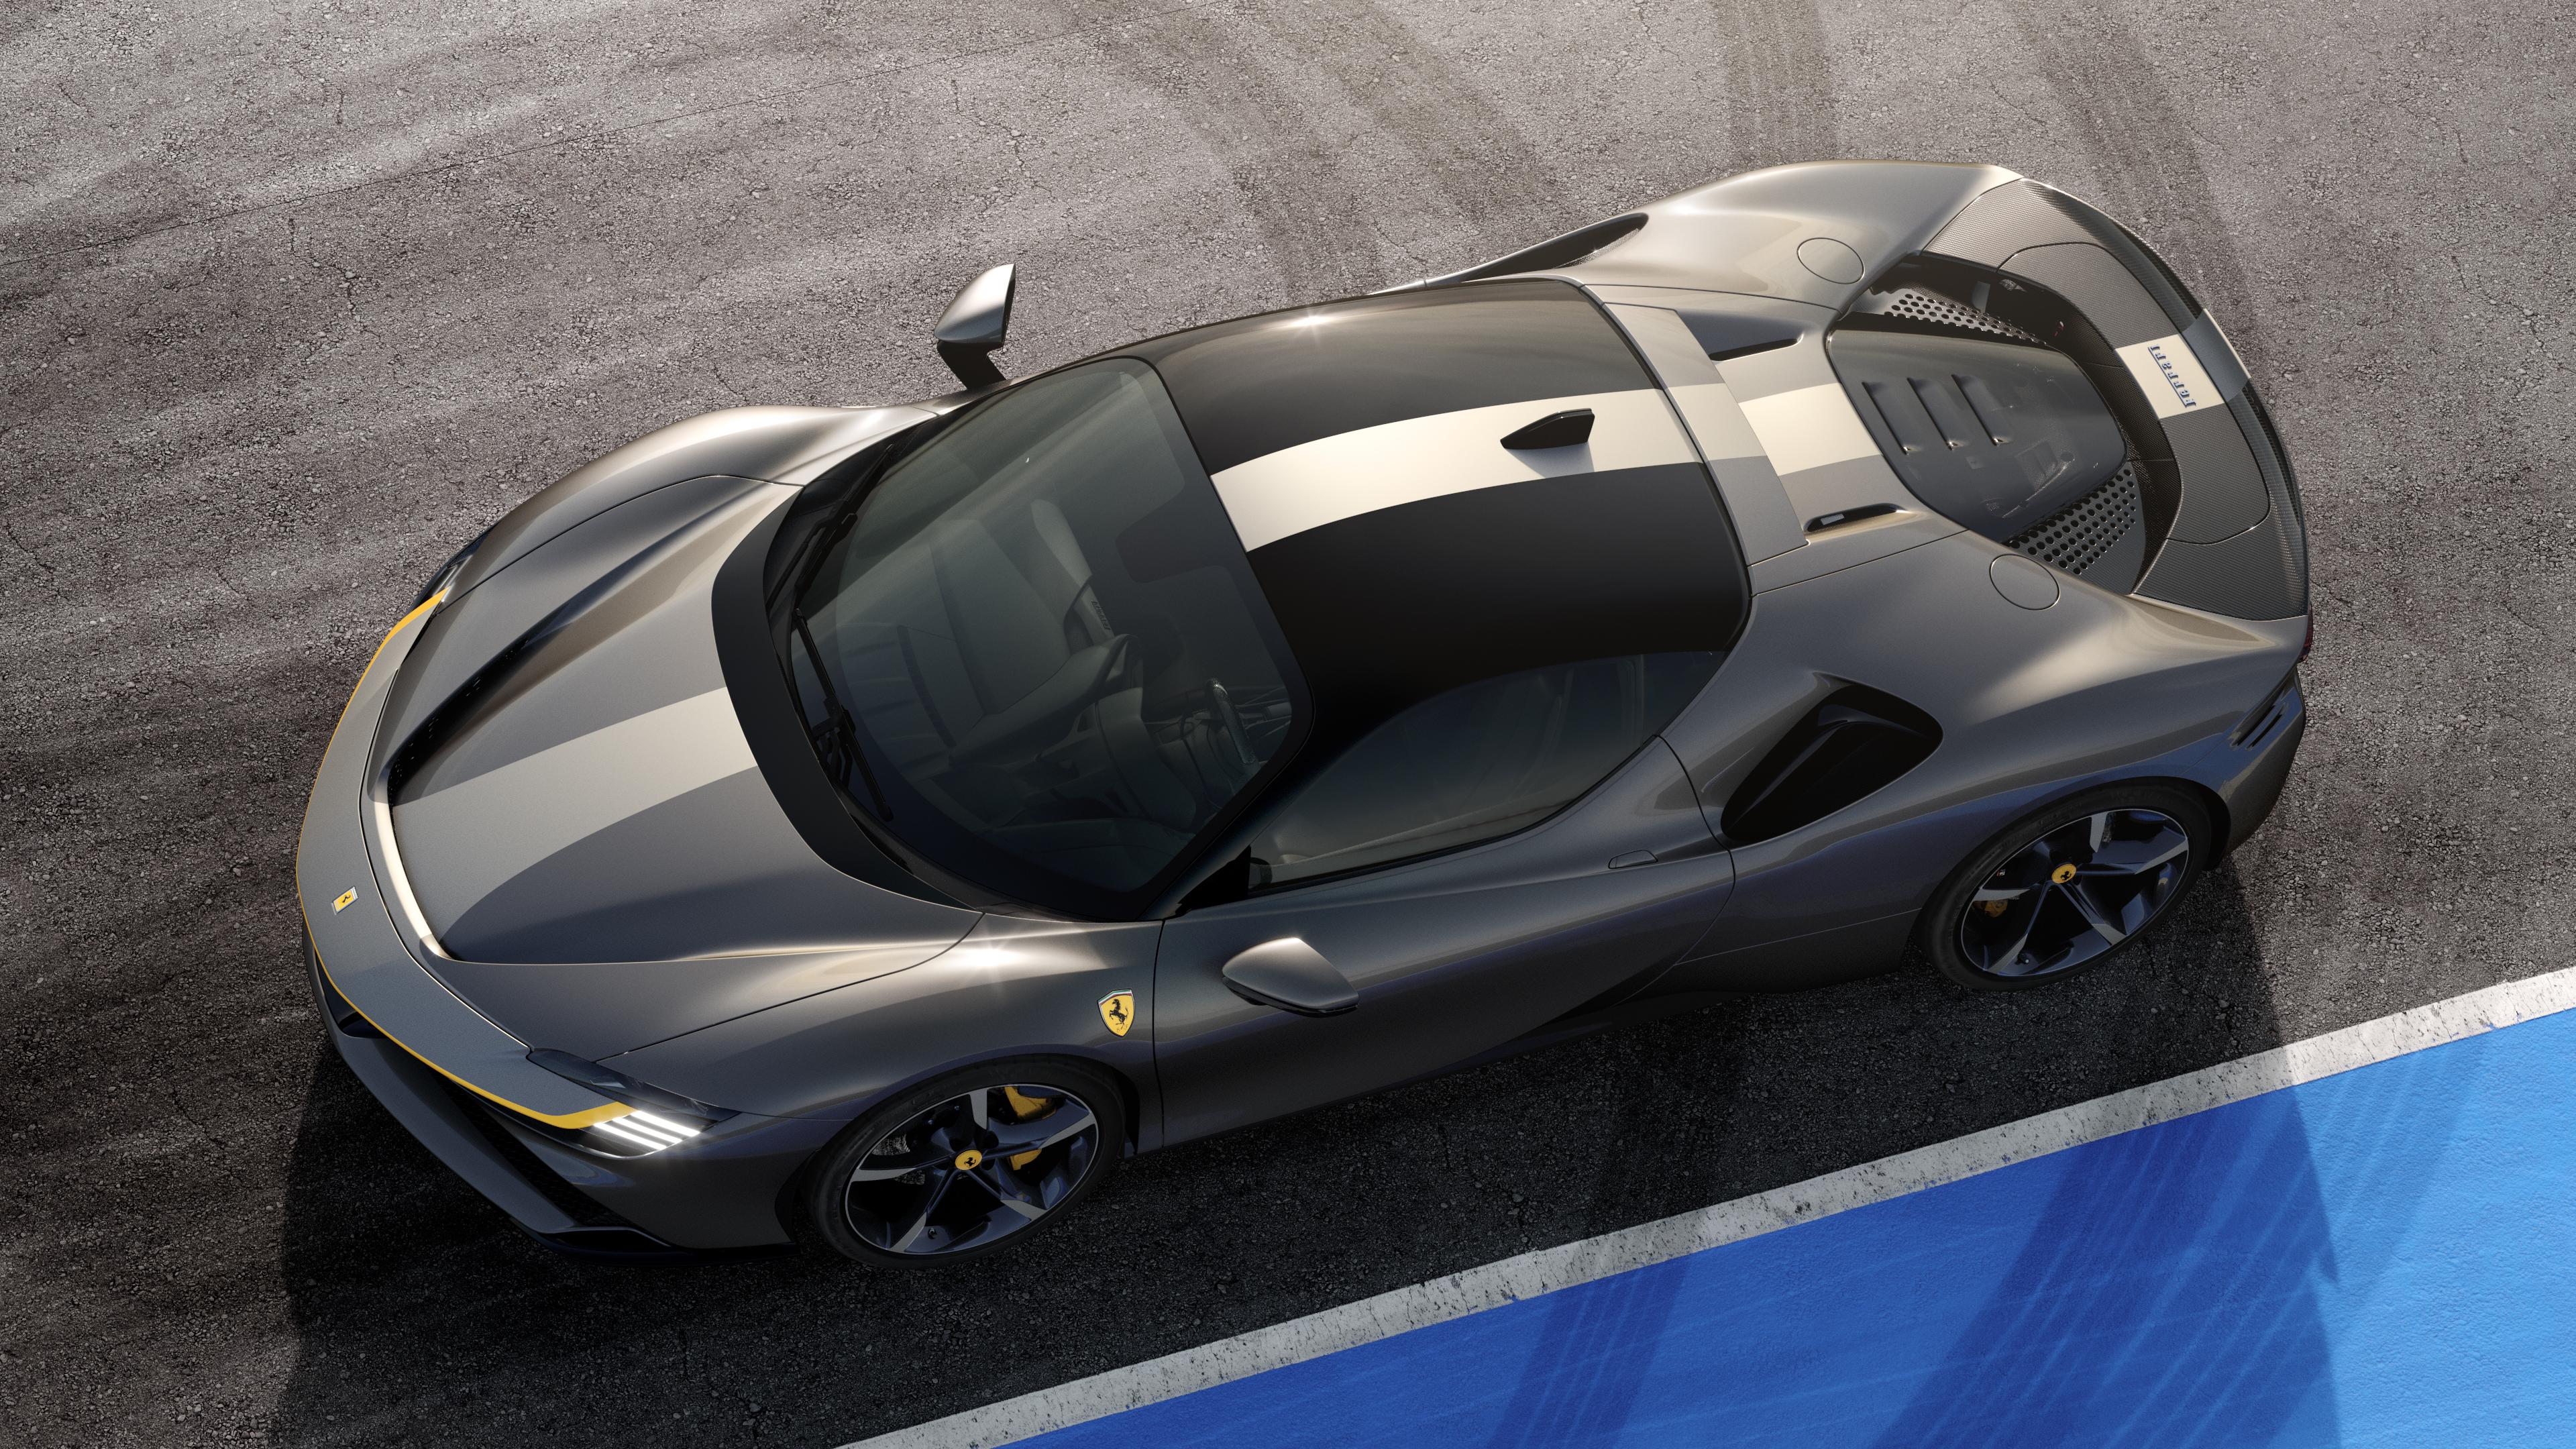 Ferrari SF90 Stradale Assetto Fiorano 2019, HD Cars, 4k ...